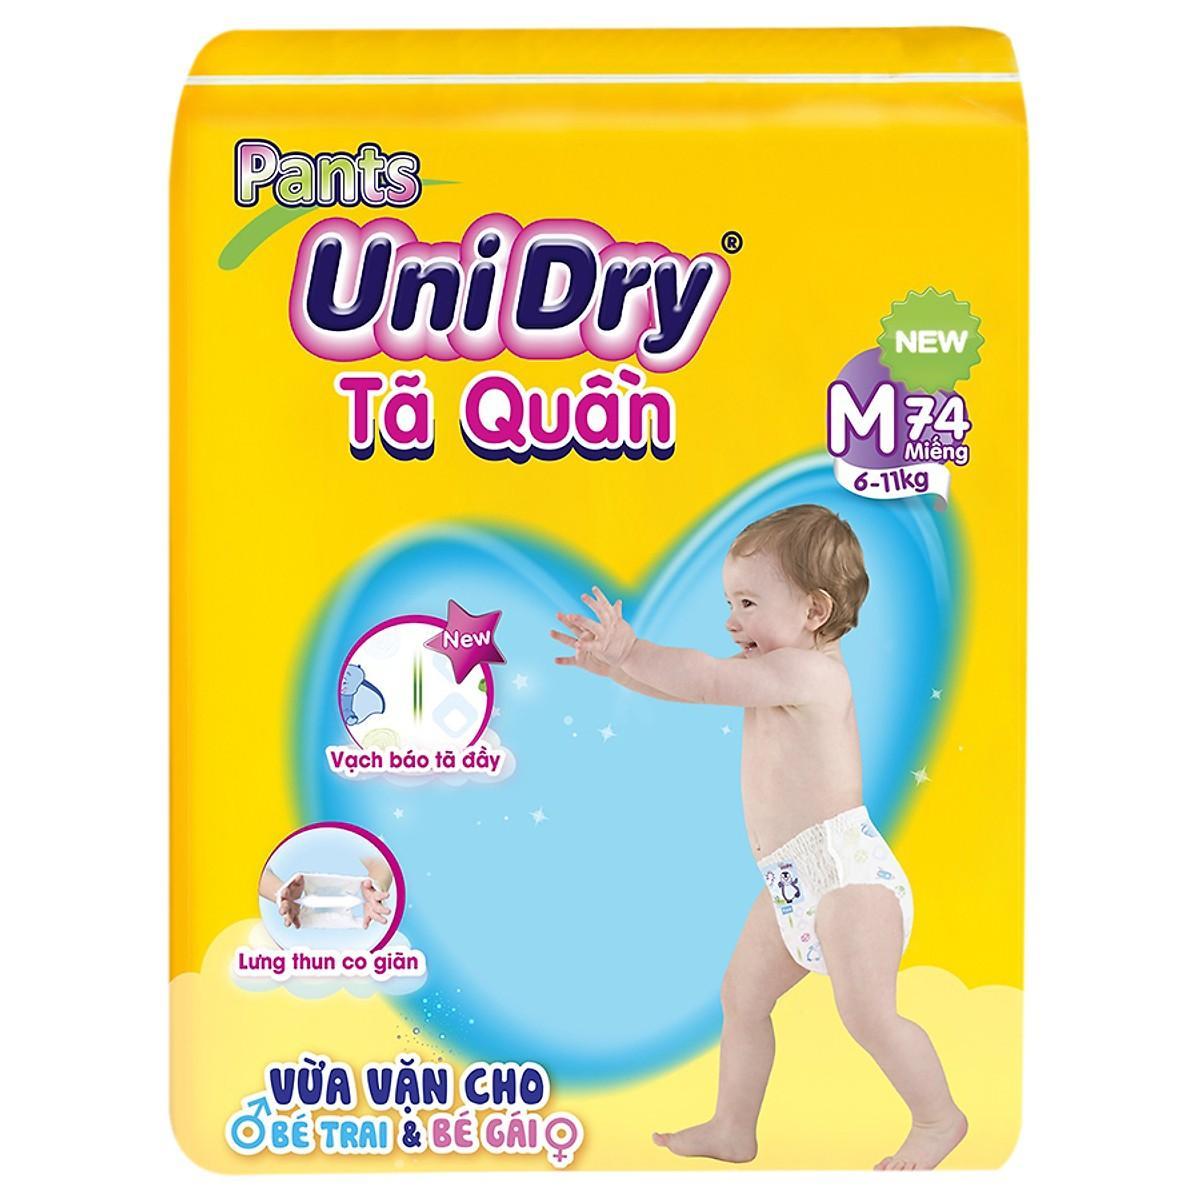 Tã / Bỉm quần Unidry size M74 (74 miếng) cho bé từ 6kg đến 11kg